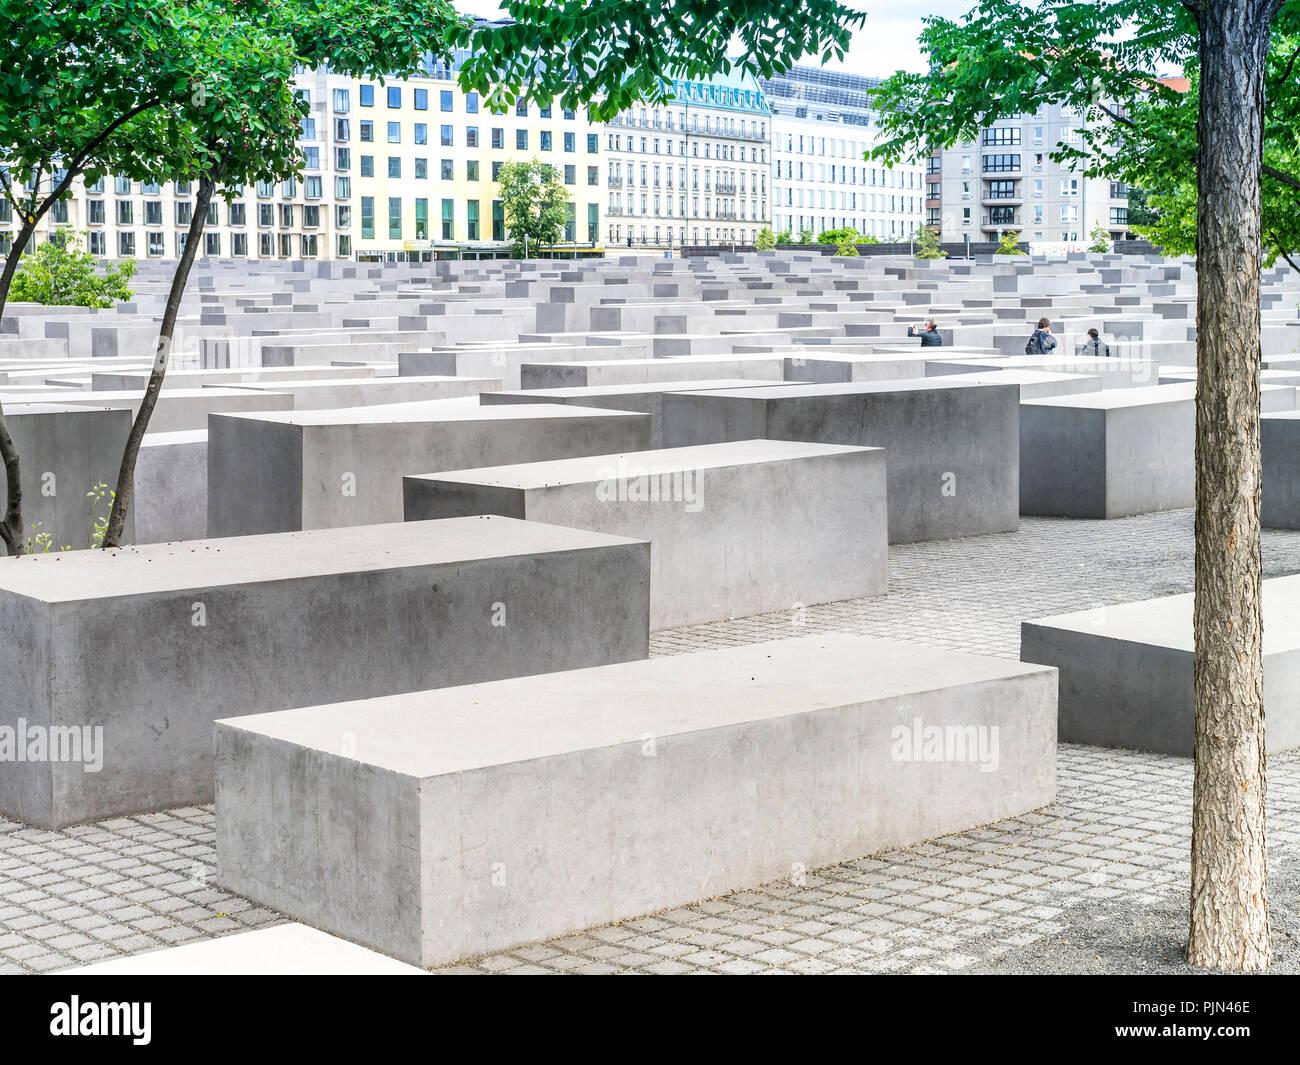 An admission of the Holocaust monument in the German capital of Berlin., Eine Aufnahme vom Holocaust-Denkmal in der deutschen Hauptstadt Berlin. - Stock Image